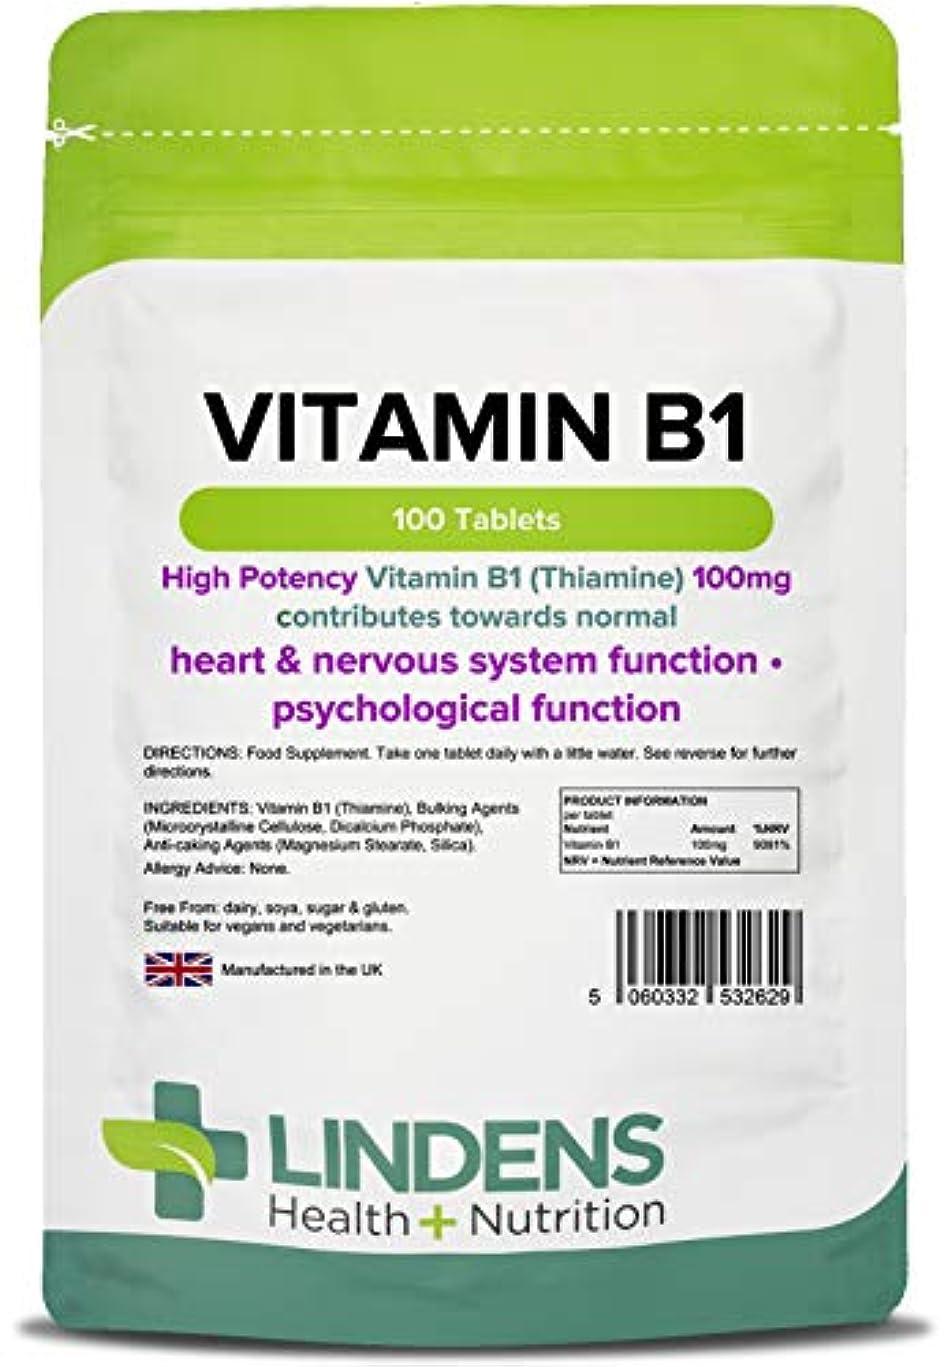 間違いしみ作物ビタミンB-1(チアミン)100錠1日に1(B1)